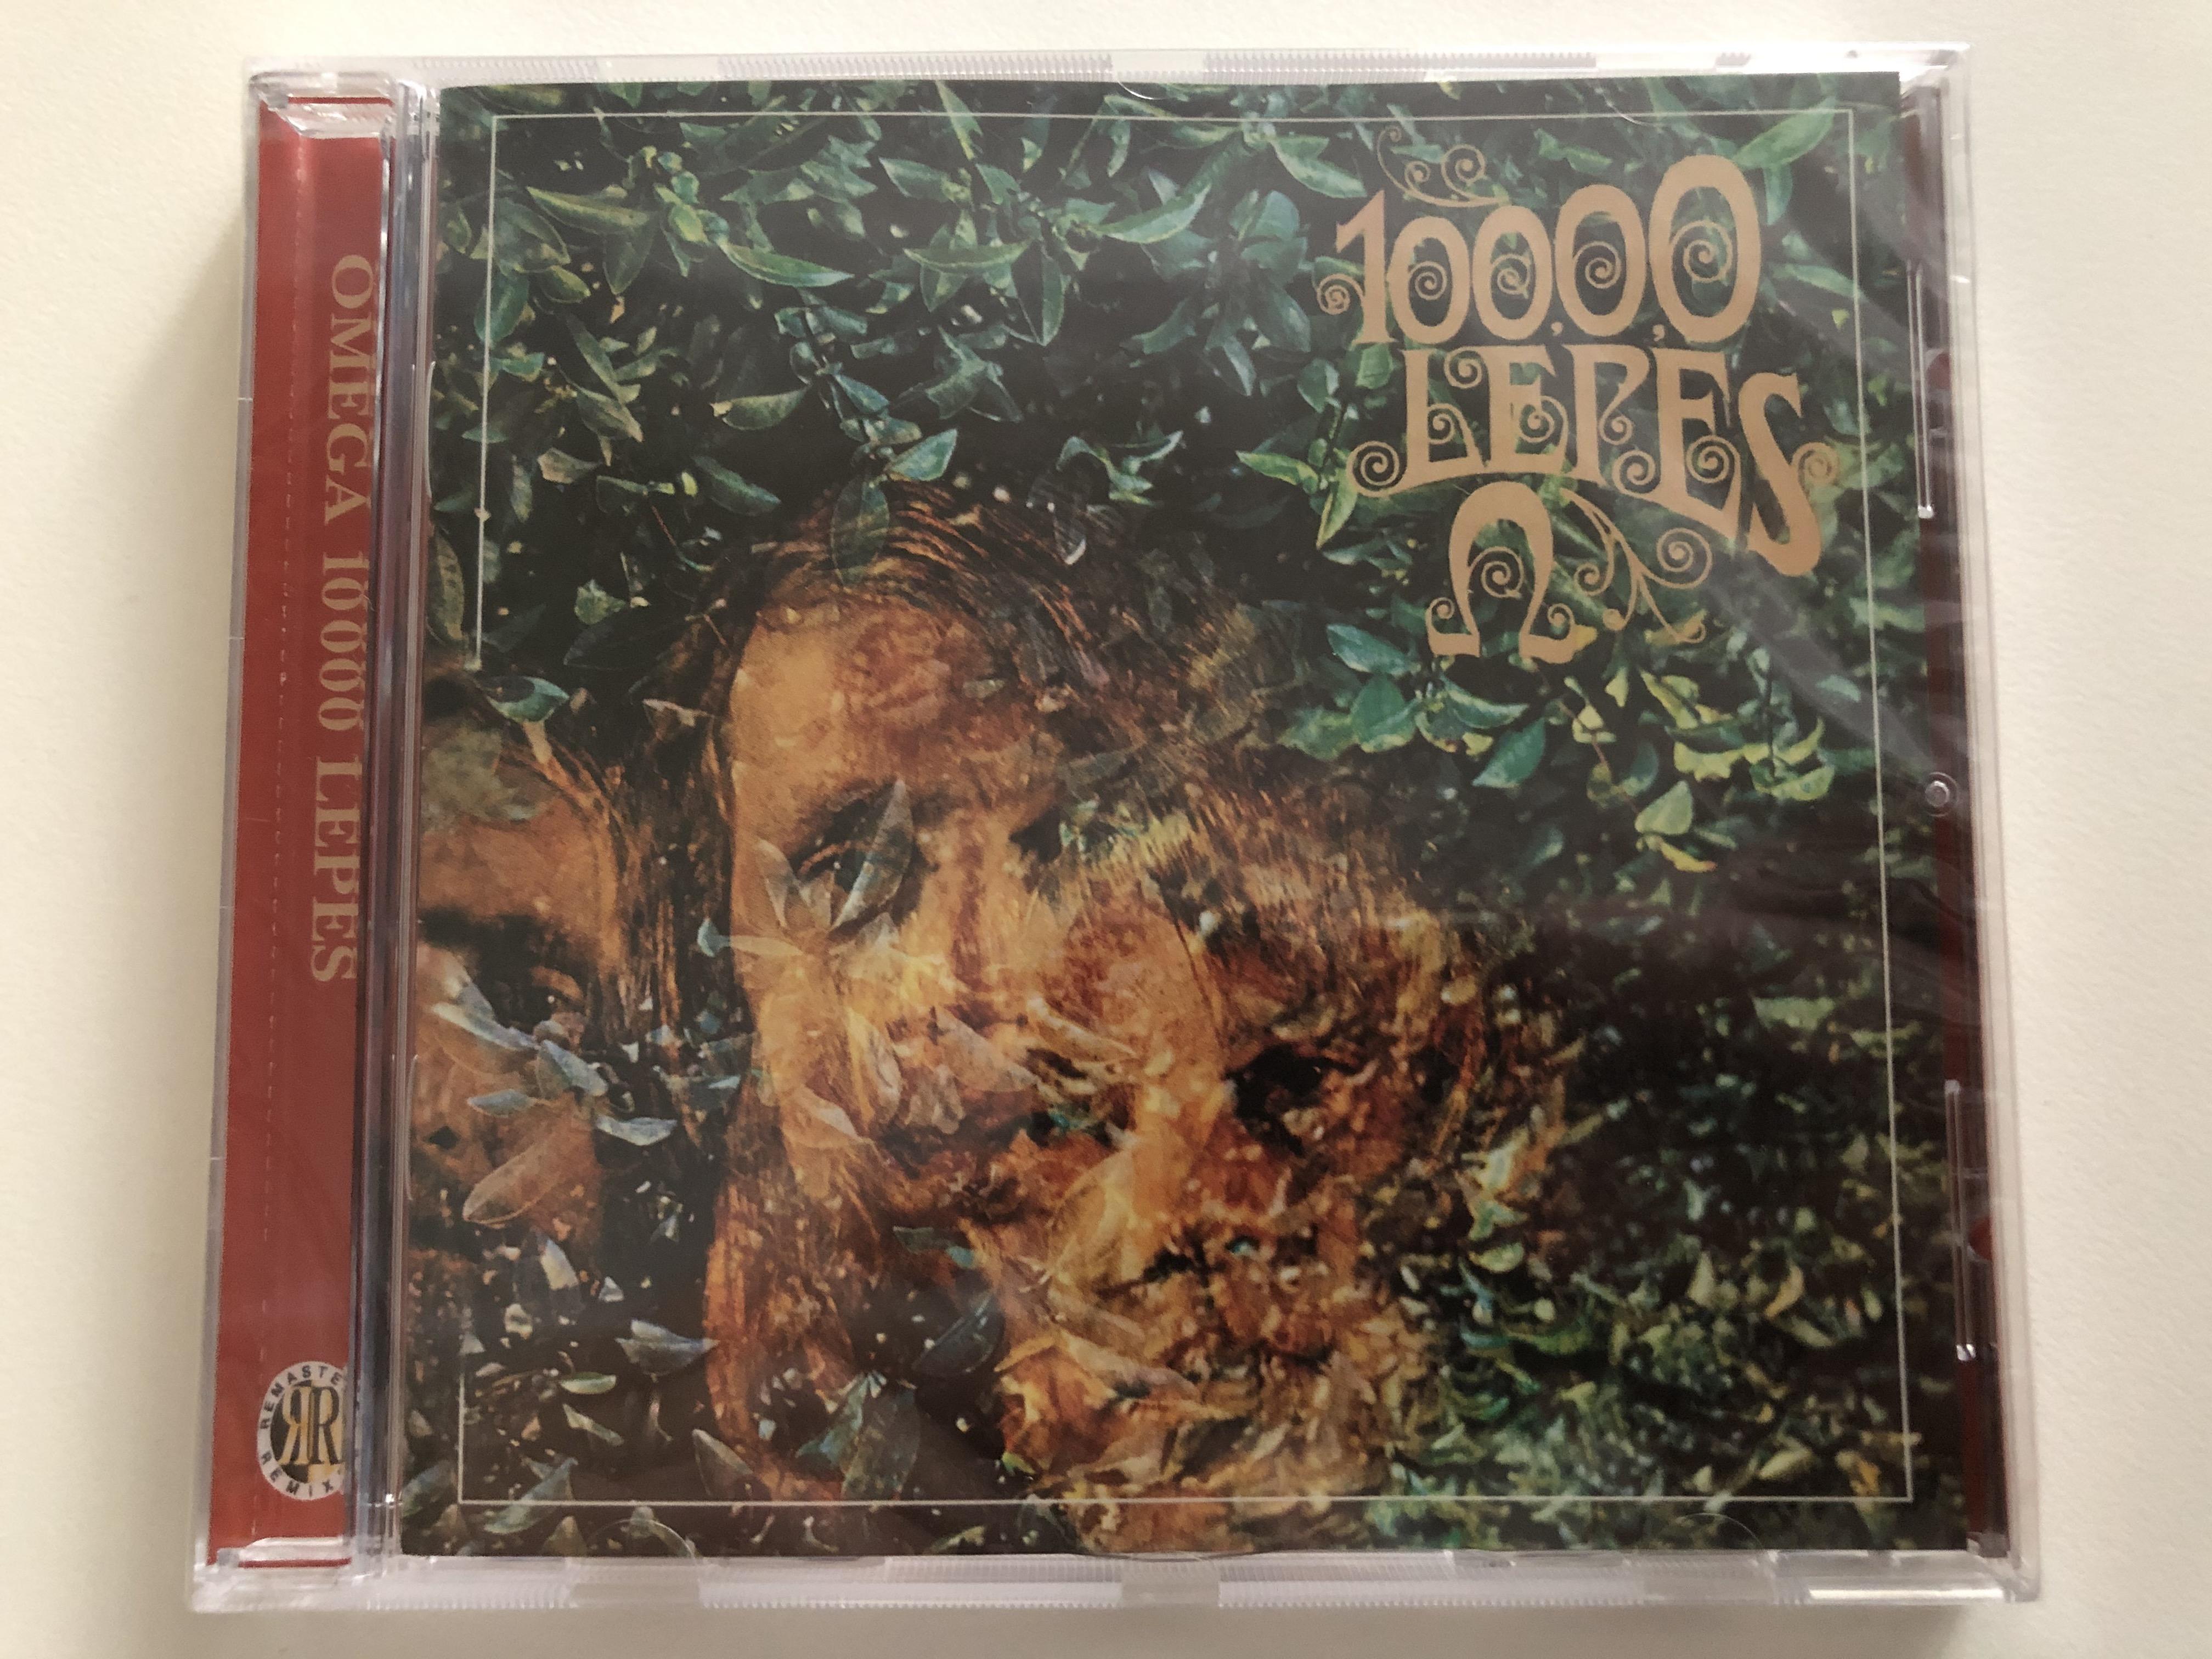 omega-10000-l-p-s-hungaroton-audio-cd-2003-hcd-17400-1-.jpg